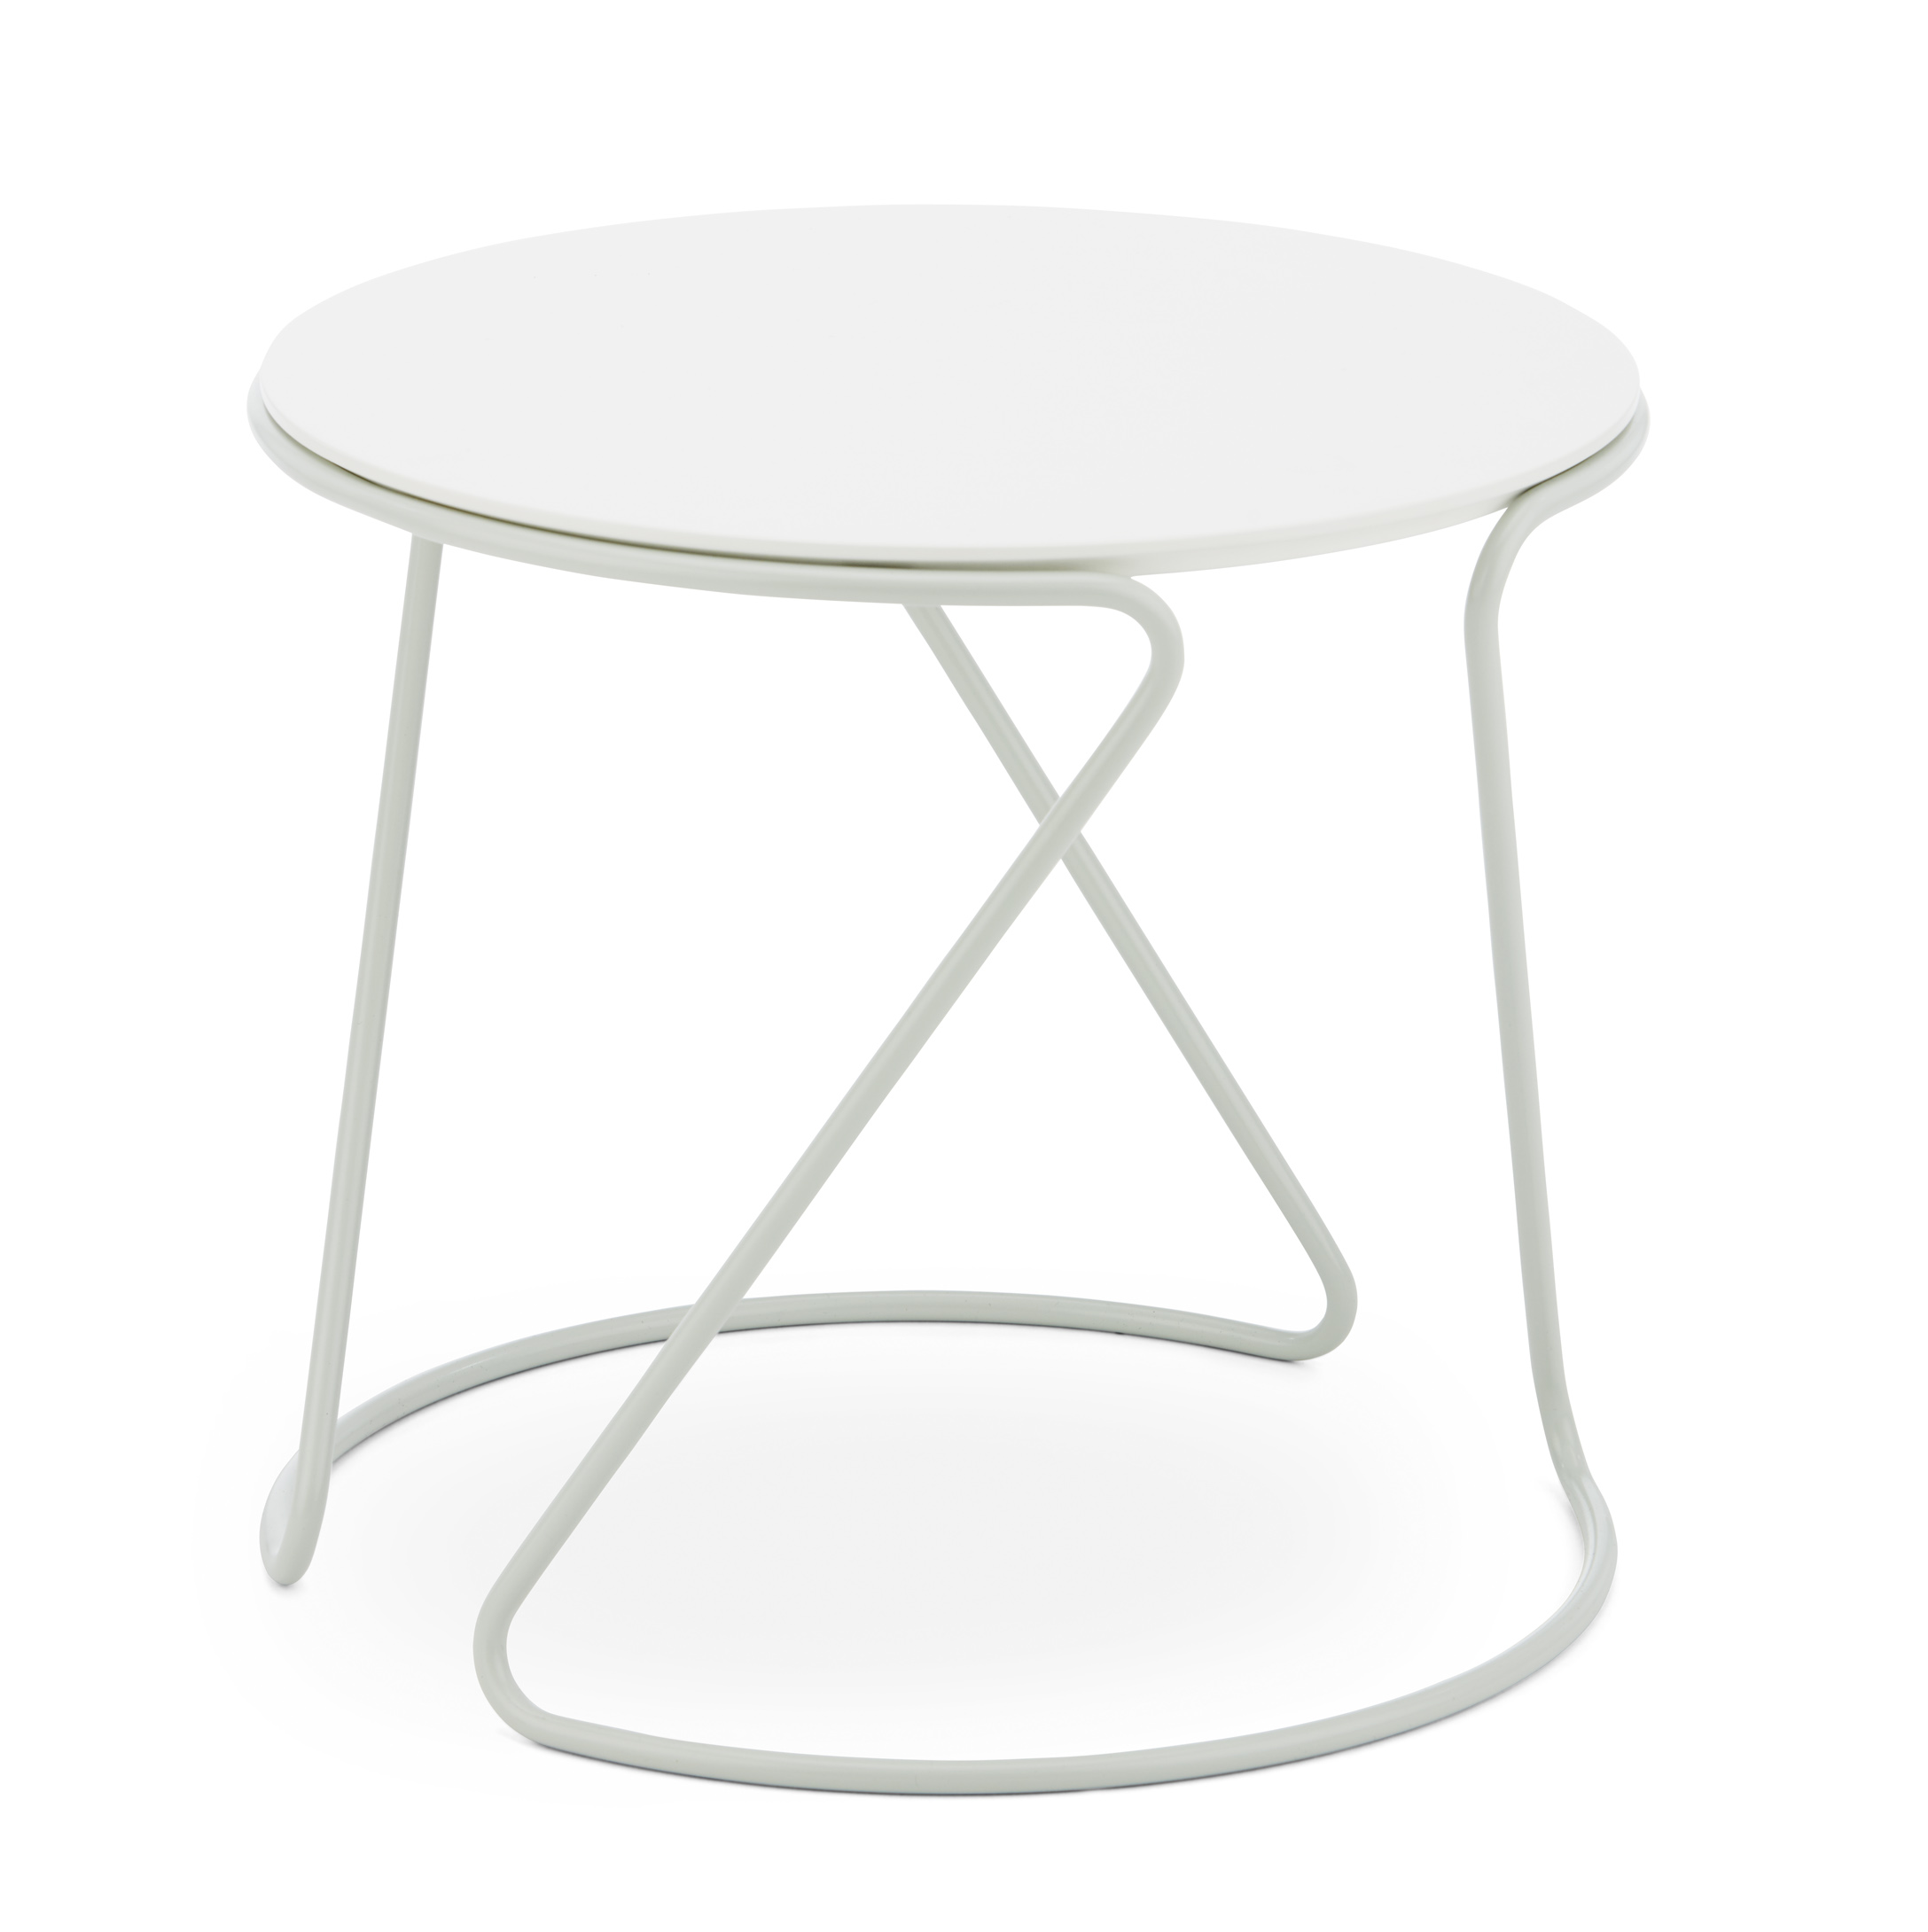 Tischgestell Thonet S 18 Design Uli Budde, Weiss